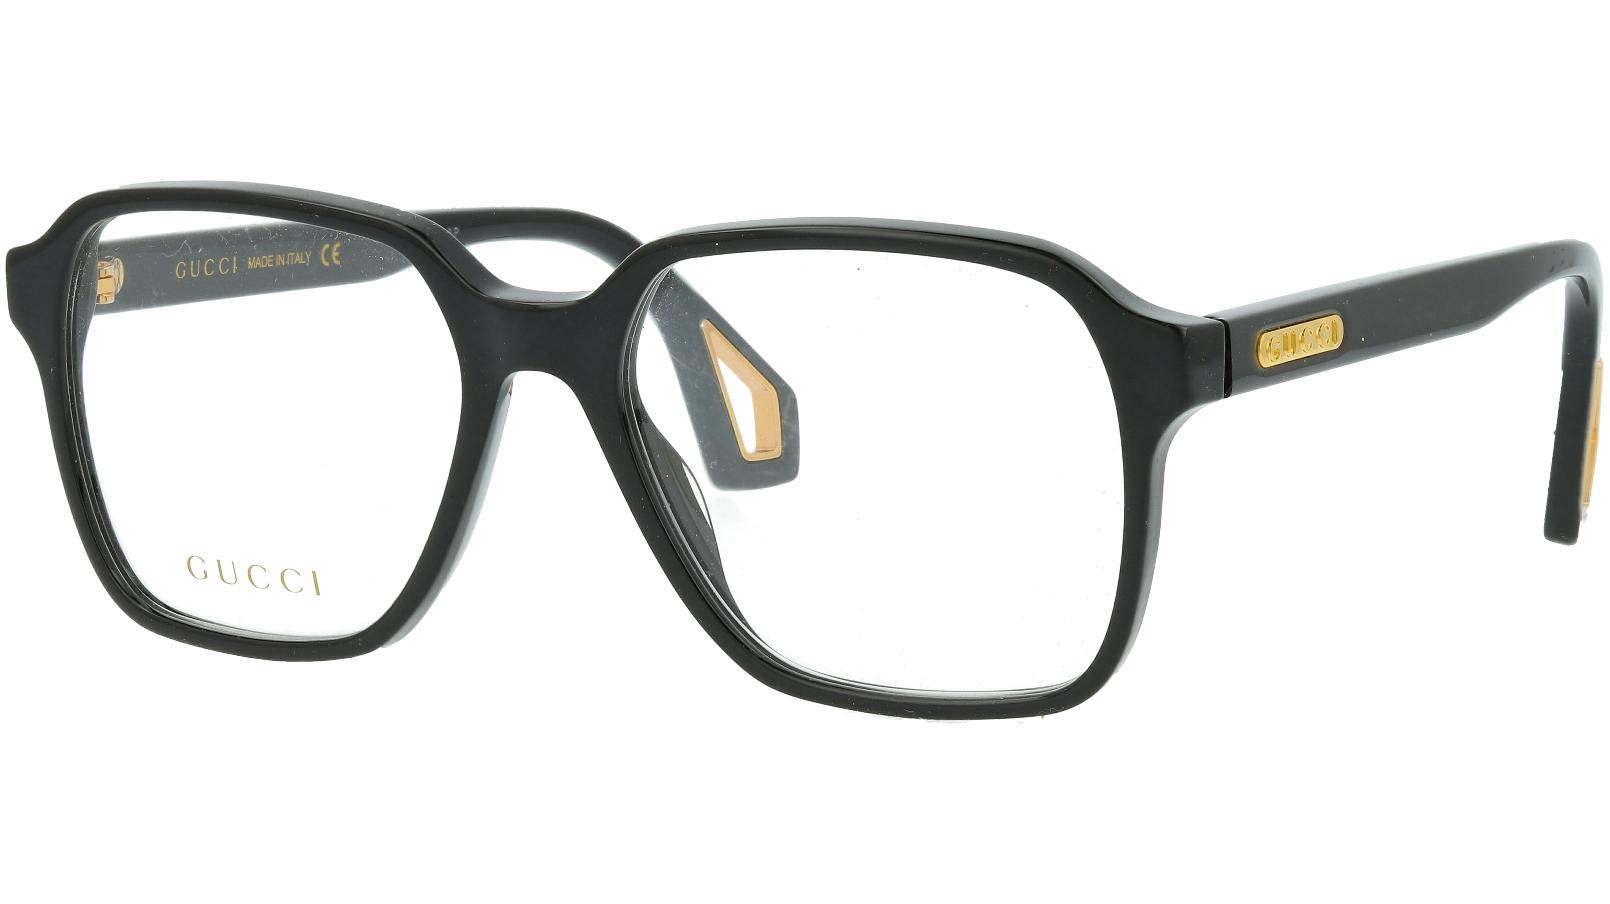 Gucci GG0469O 001 56 BLACK Glasses